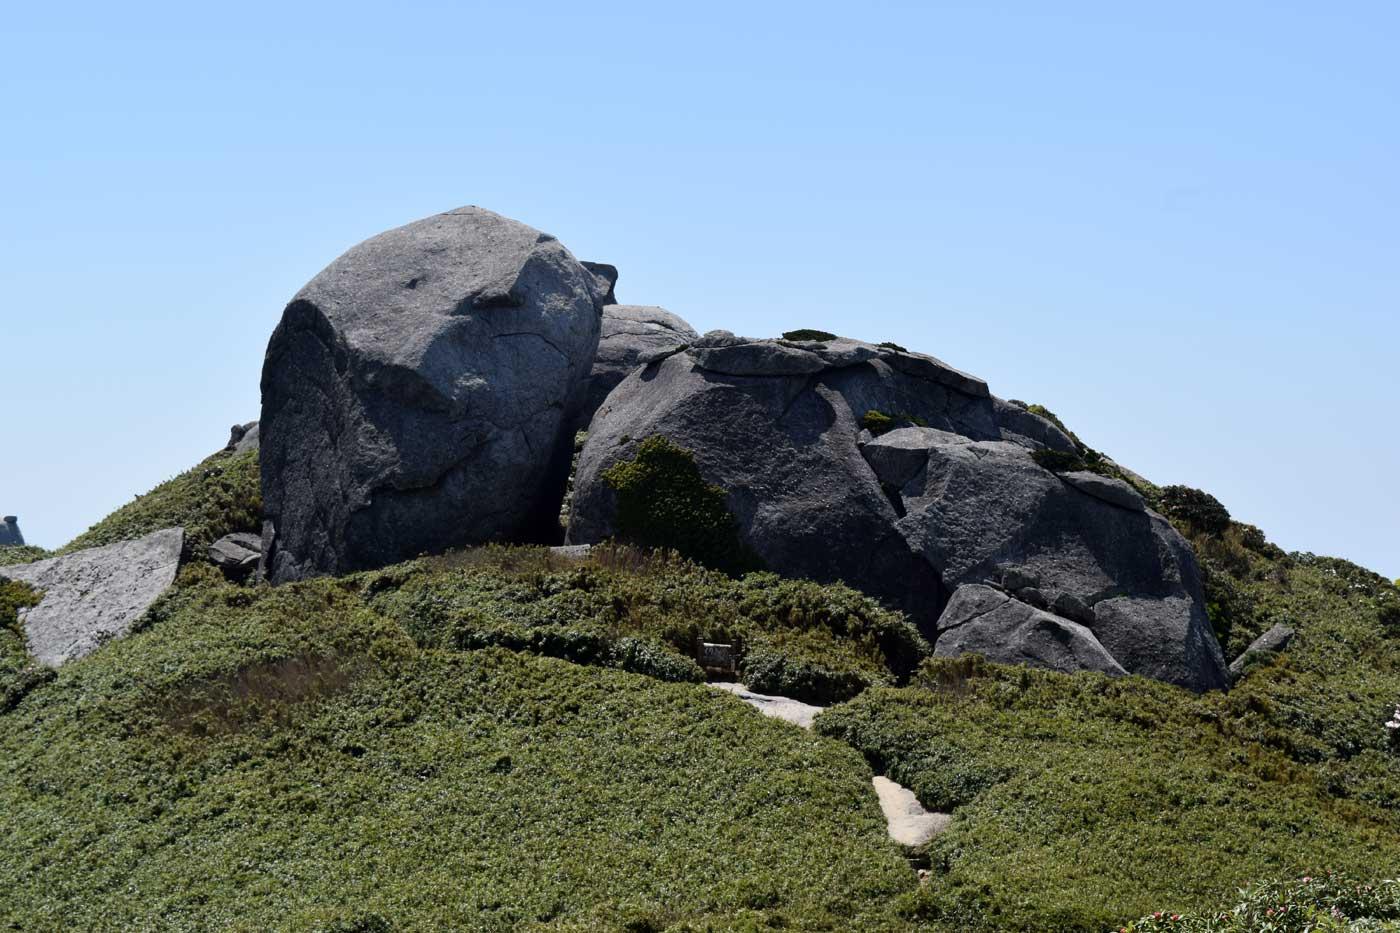 Rock formation and <i>Pseudosasa owatarii</i>.